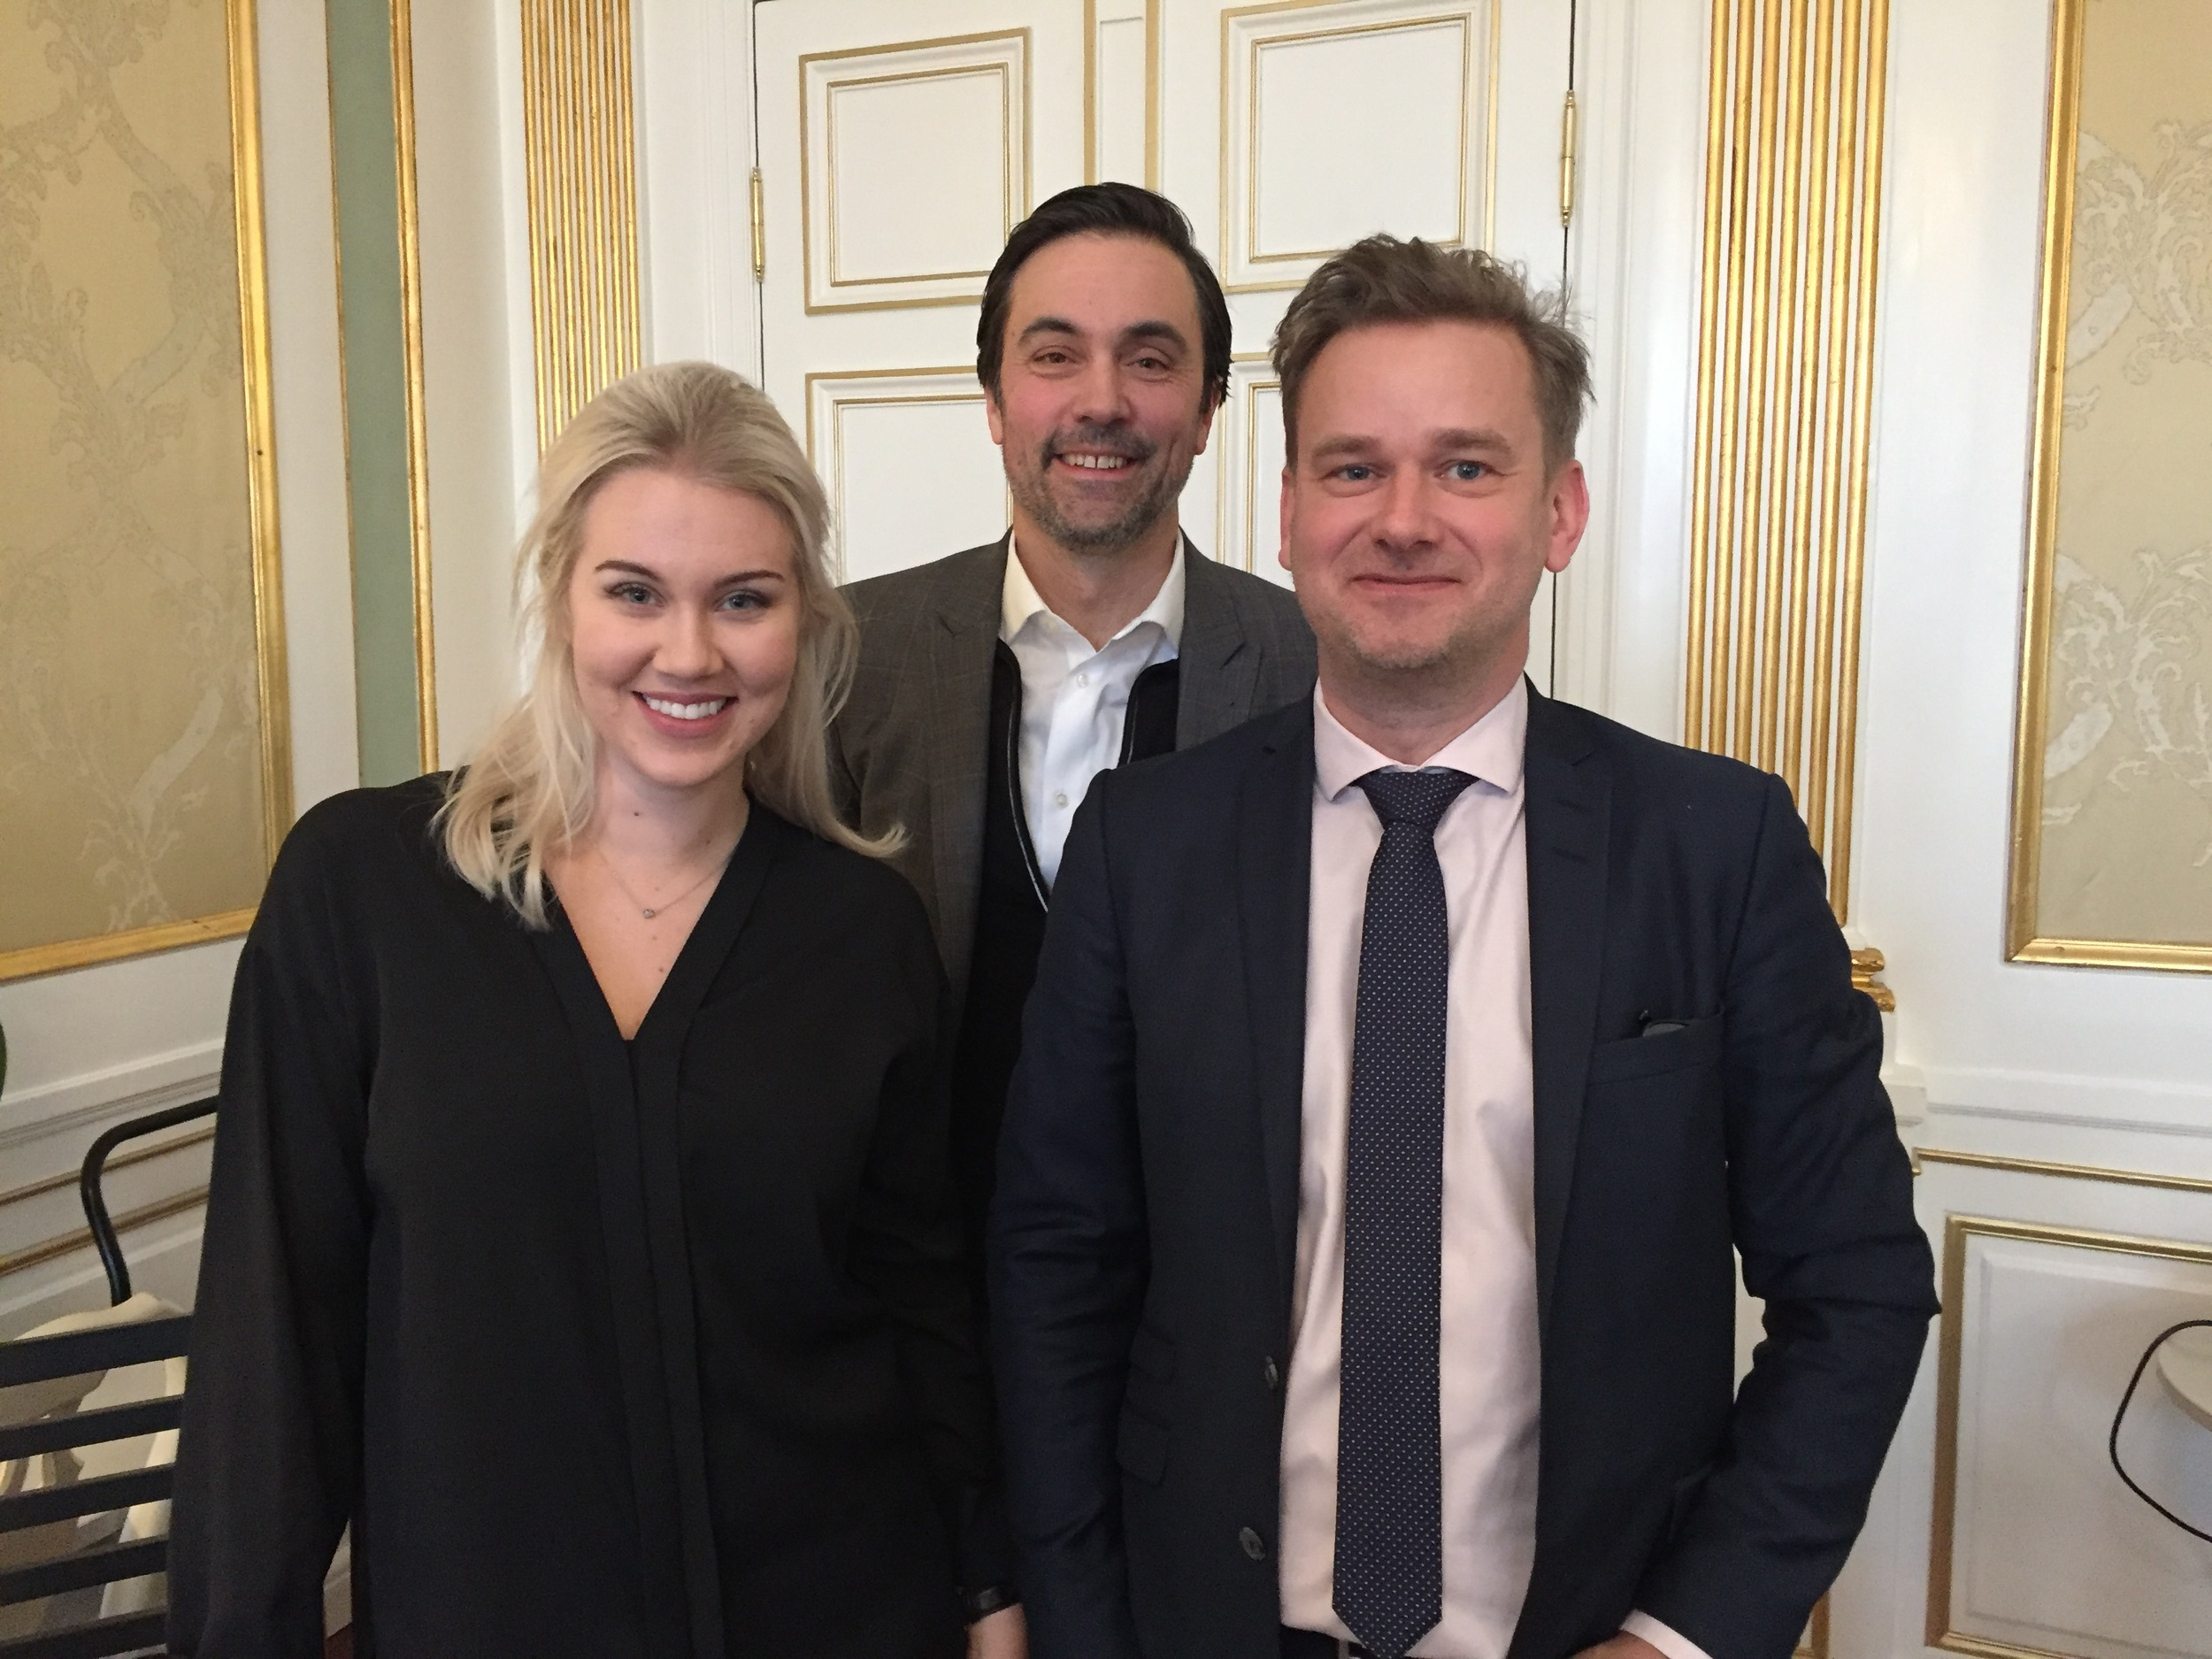 Isabella Löwengrip, Löwengrip Care & Color, Peter Jansson, KTF och Pär Svahnberg, Toxintelligence.